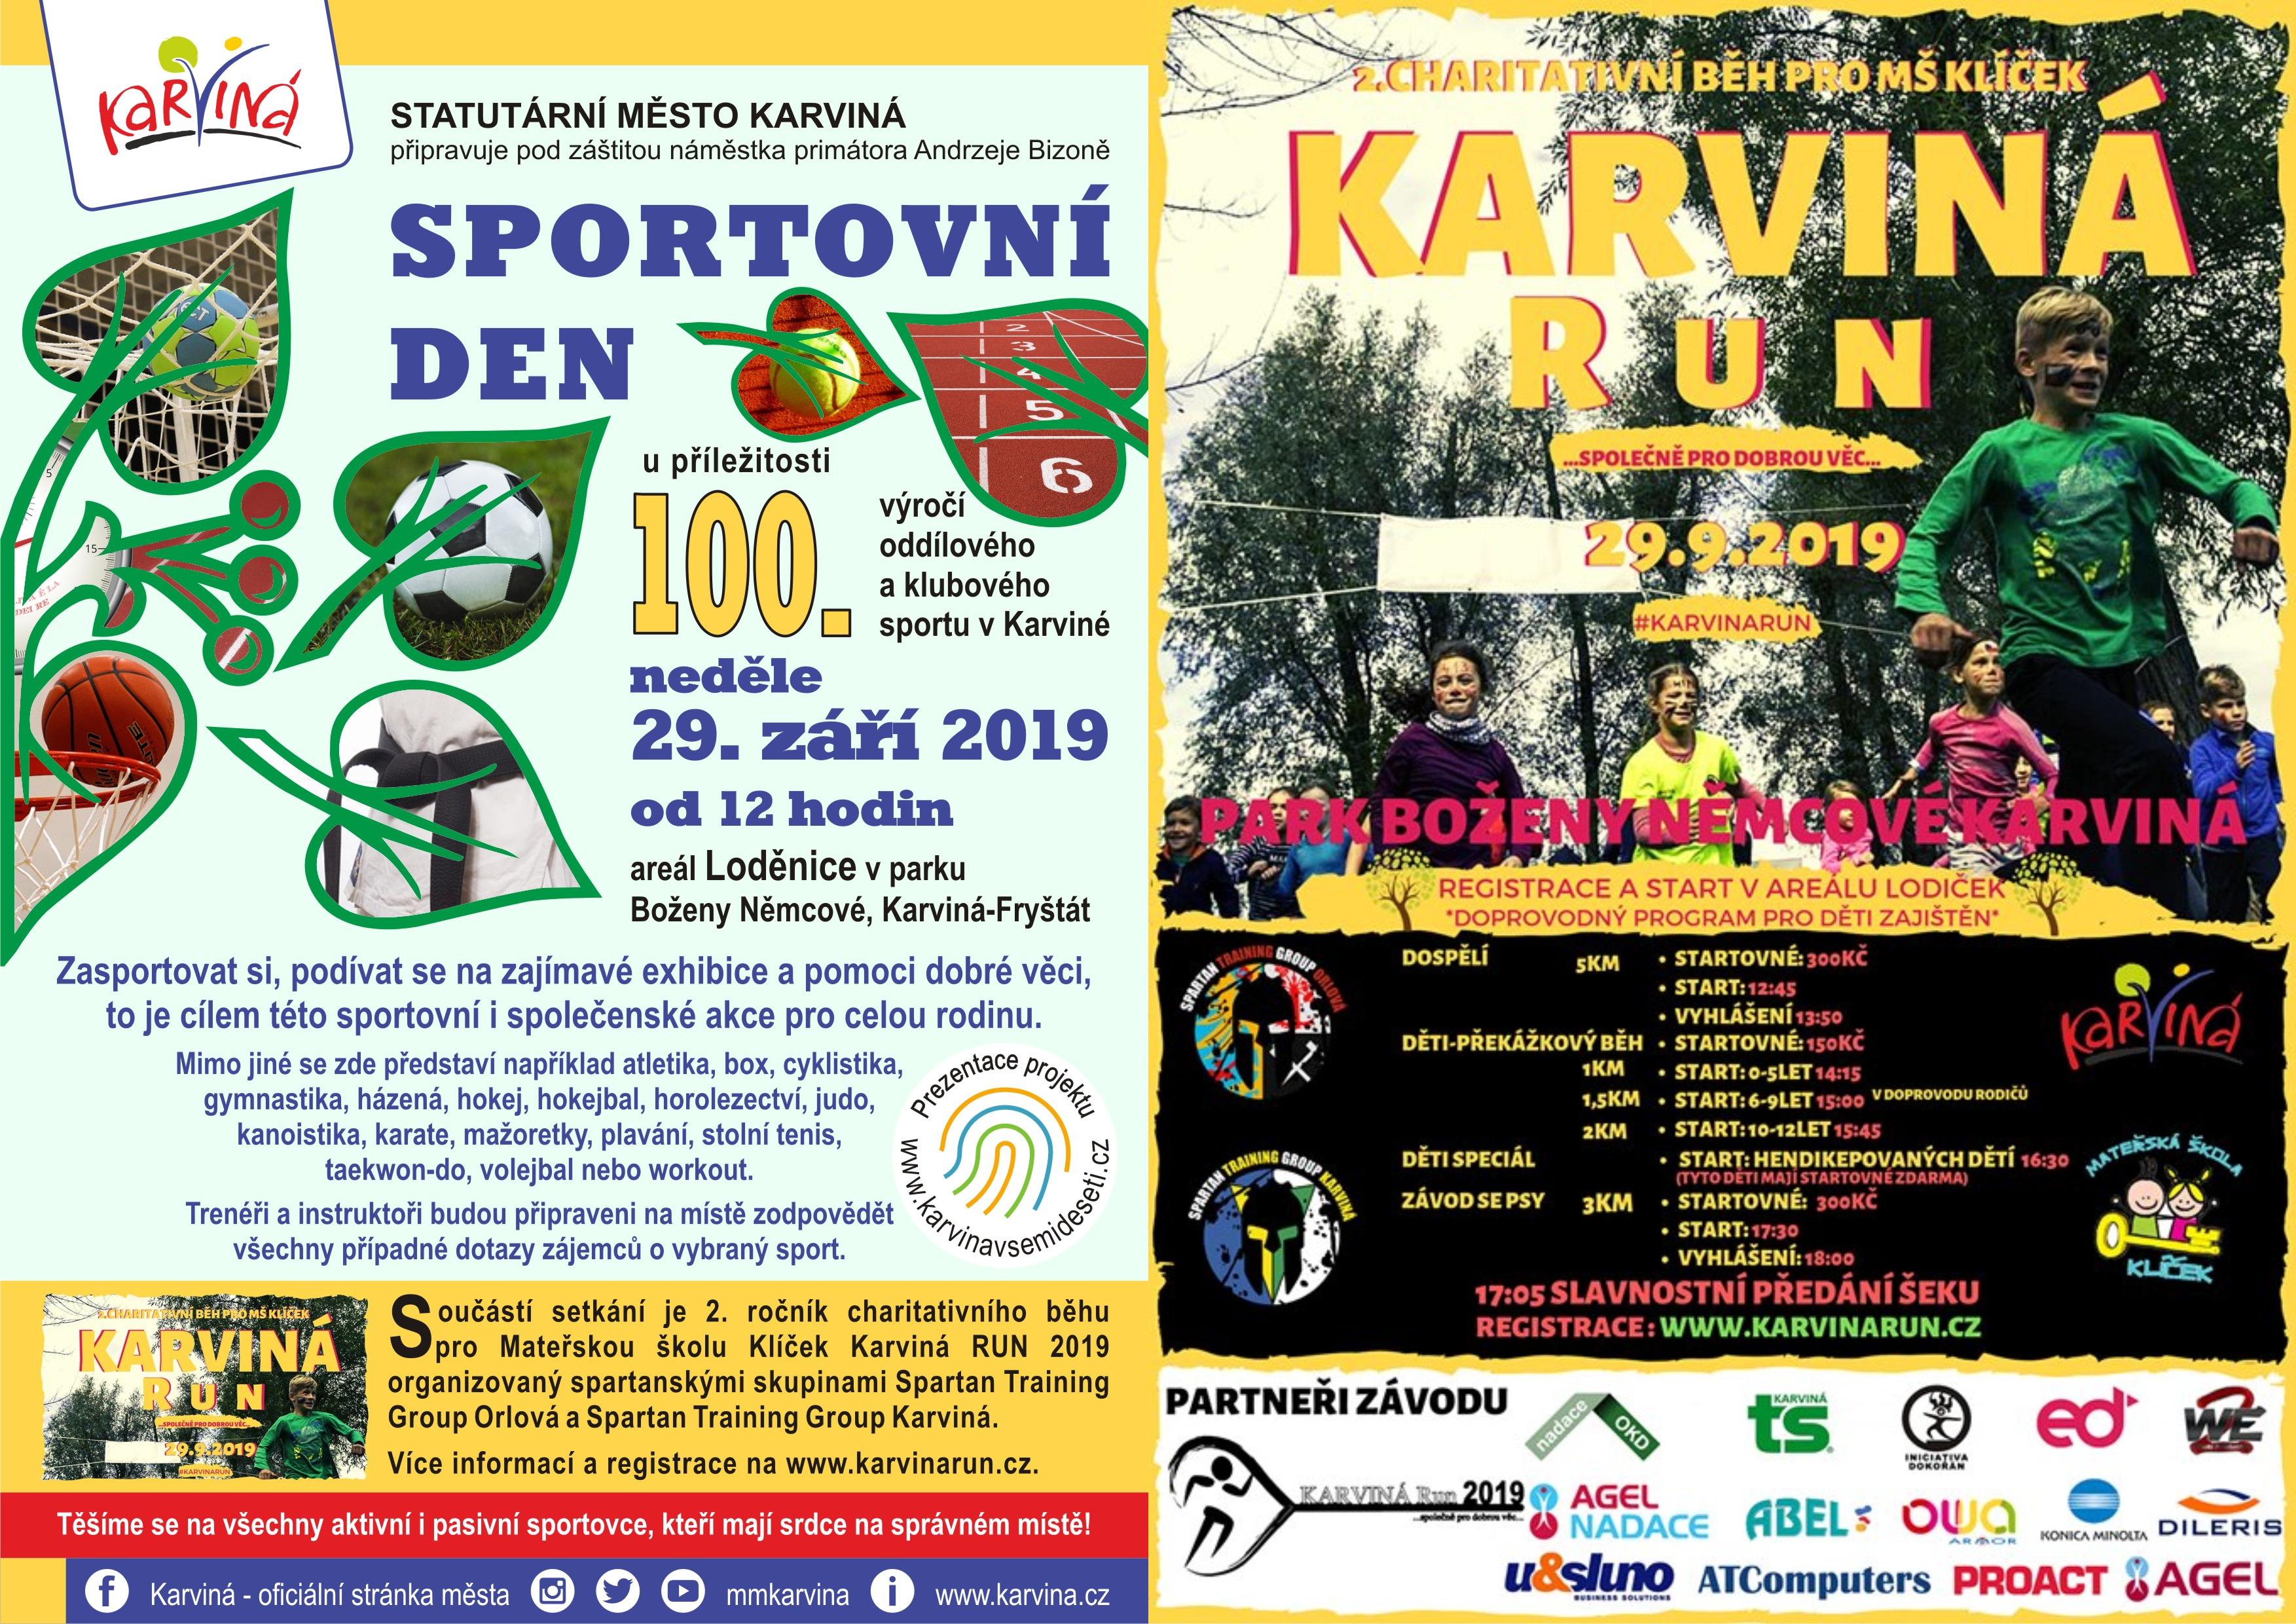 3780-sportovni-den-2019-jmenovite-kalendar.jpg